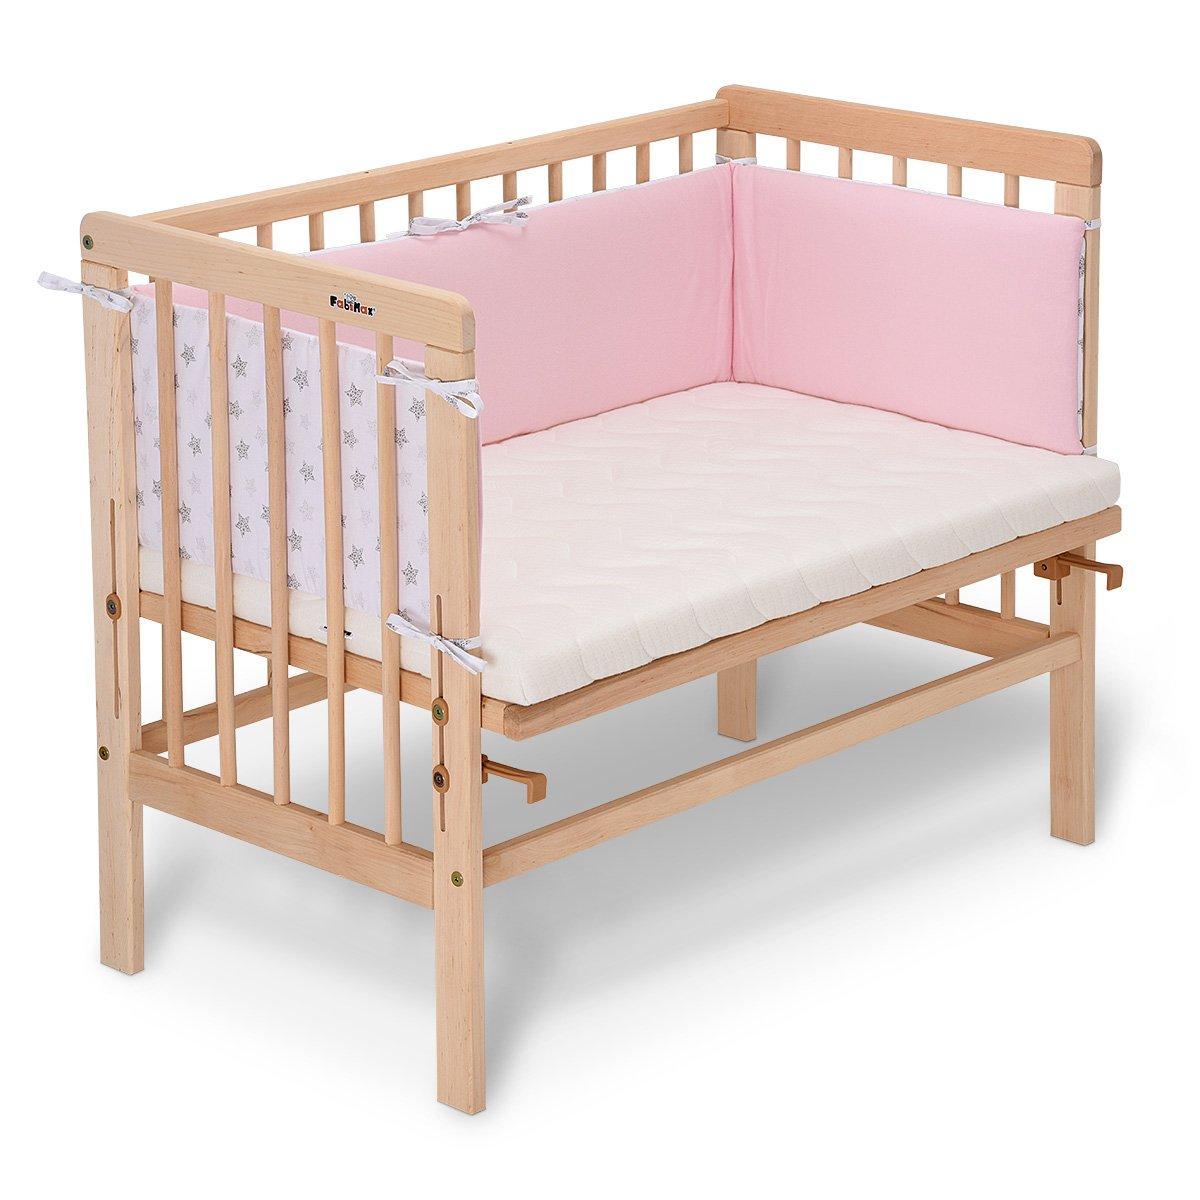 Matratze CLASSIC und Nestchen Sterne klein inkl FabiMax 3839 Beistellbett BASIC natur rosa